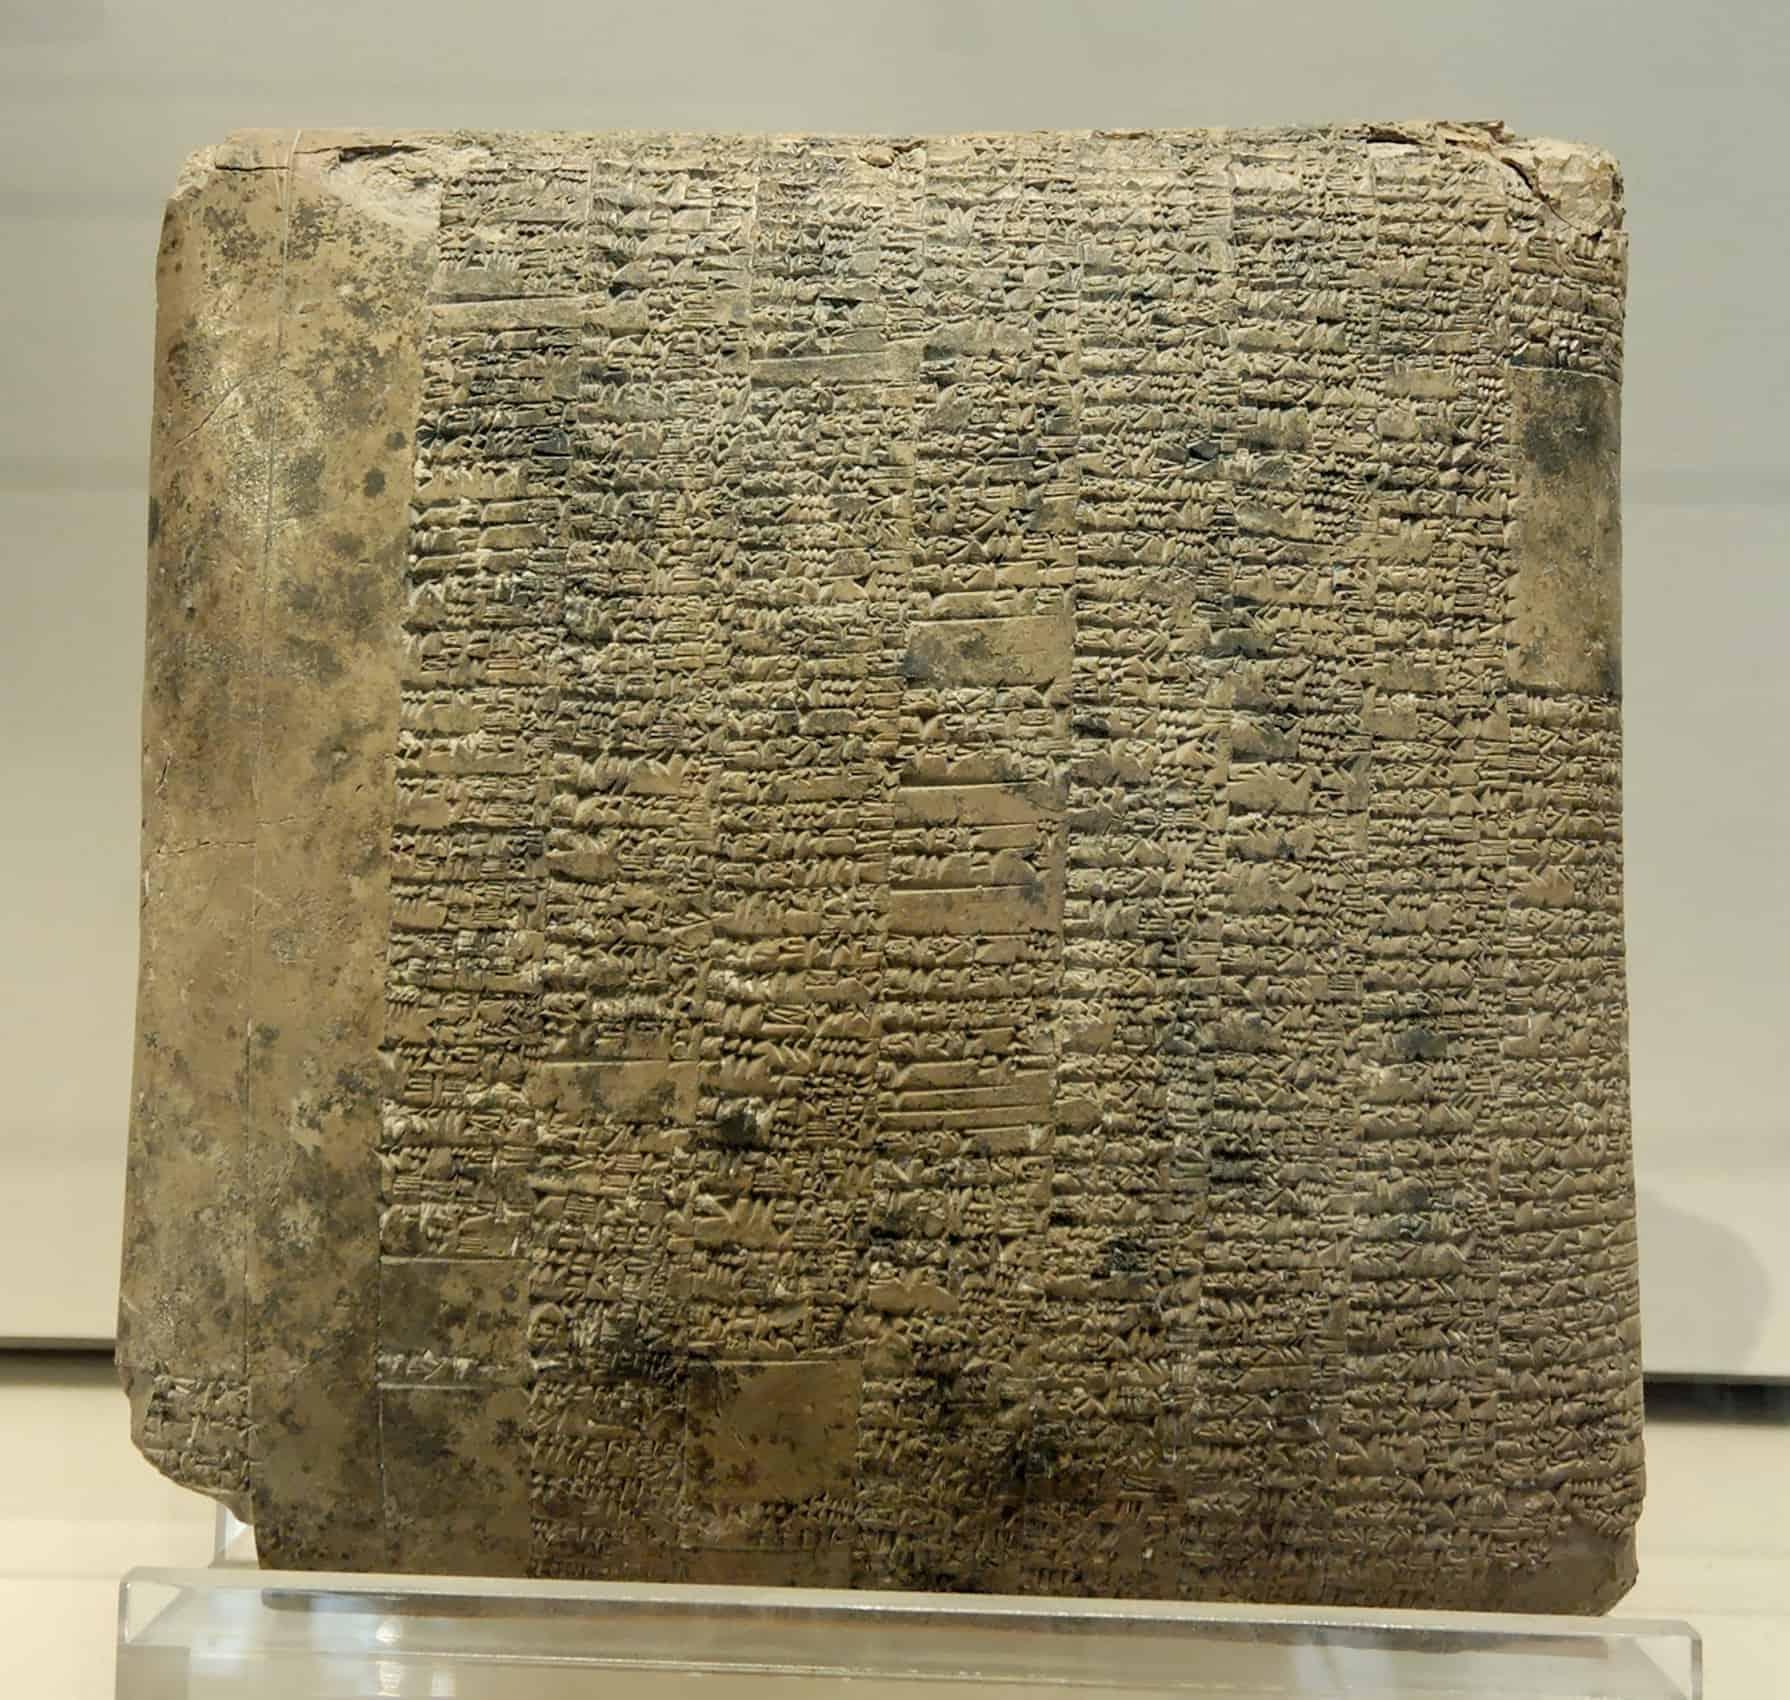 Een oude tablet waarin tekst is gehouwen.